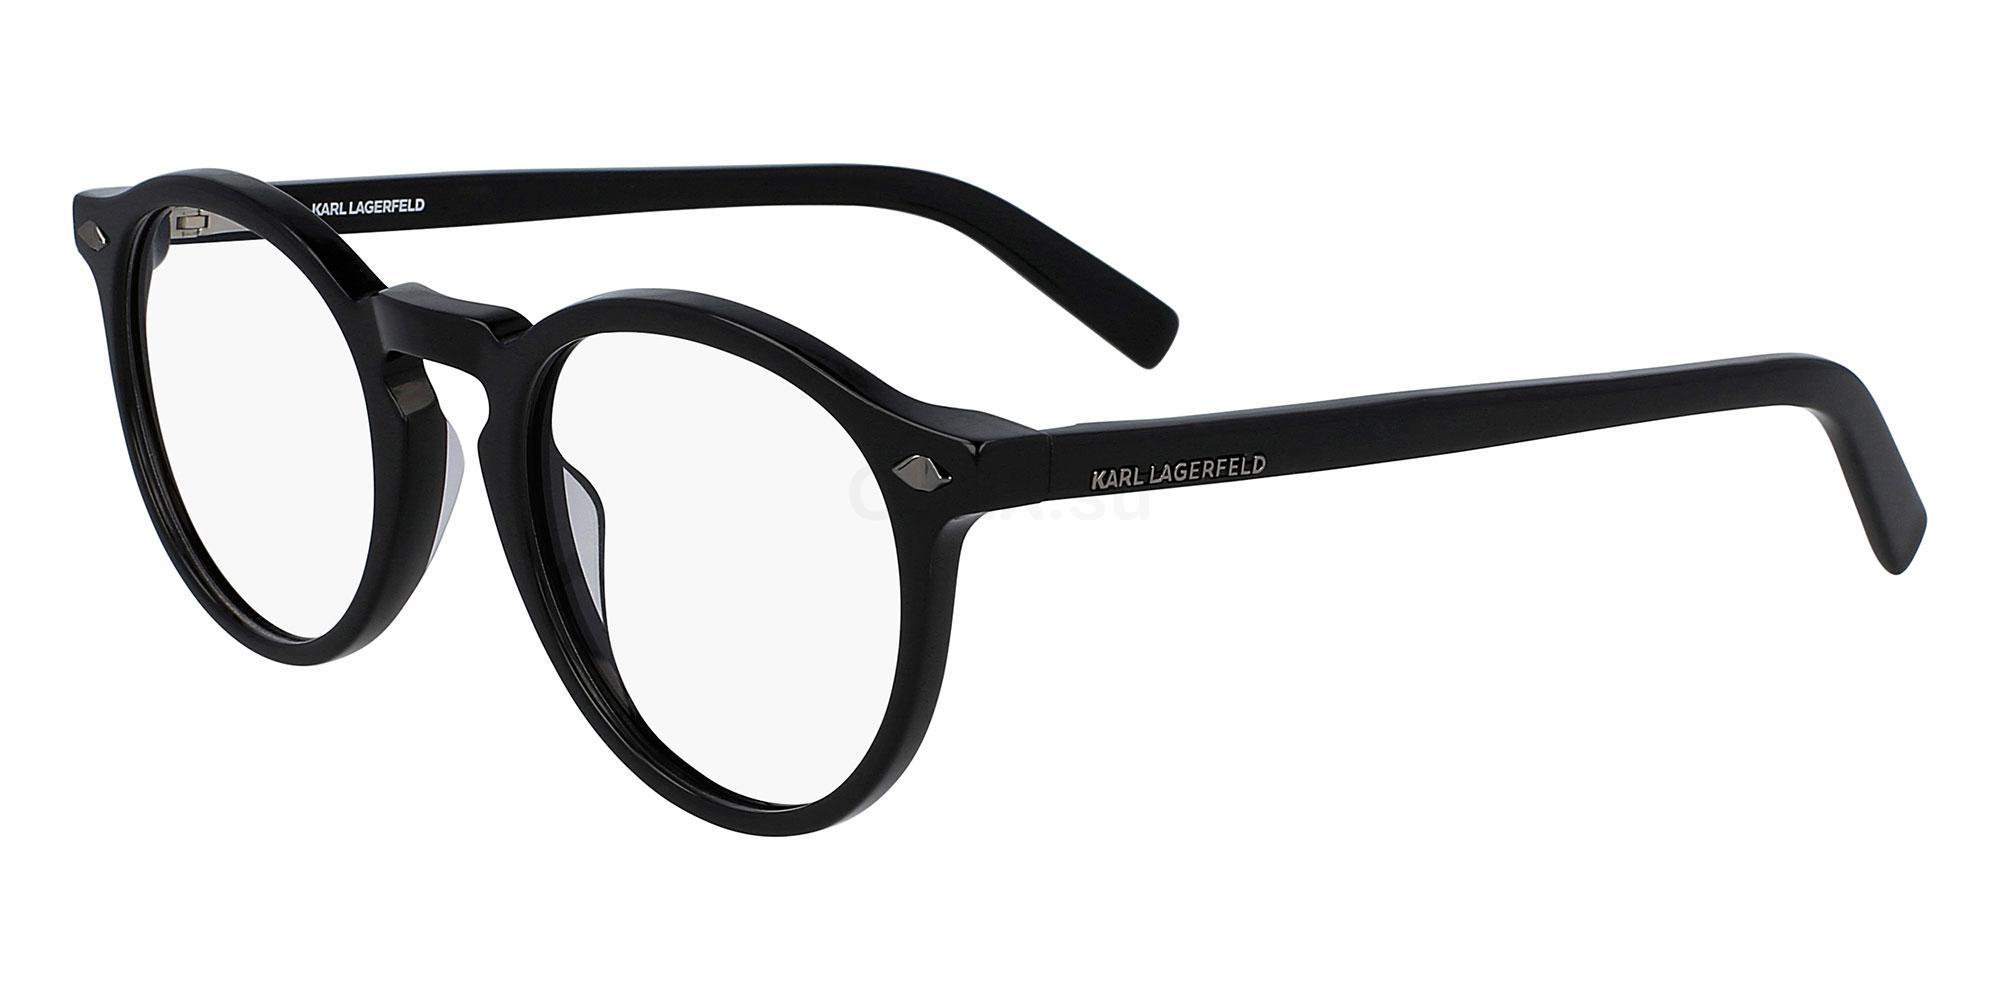 001 KL973 Glasses, Karl Lagerfeld